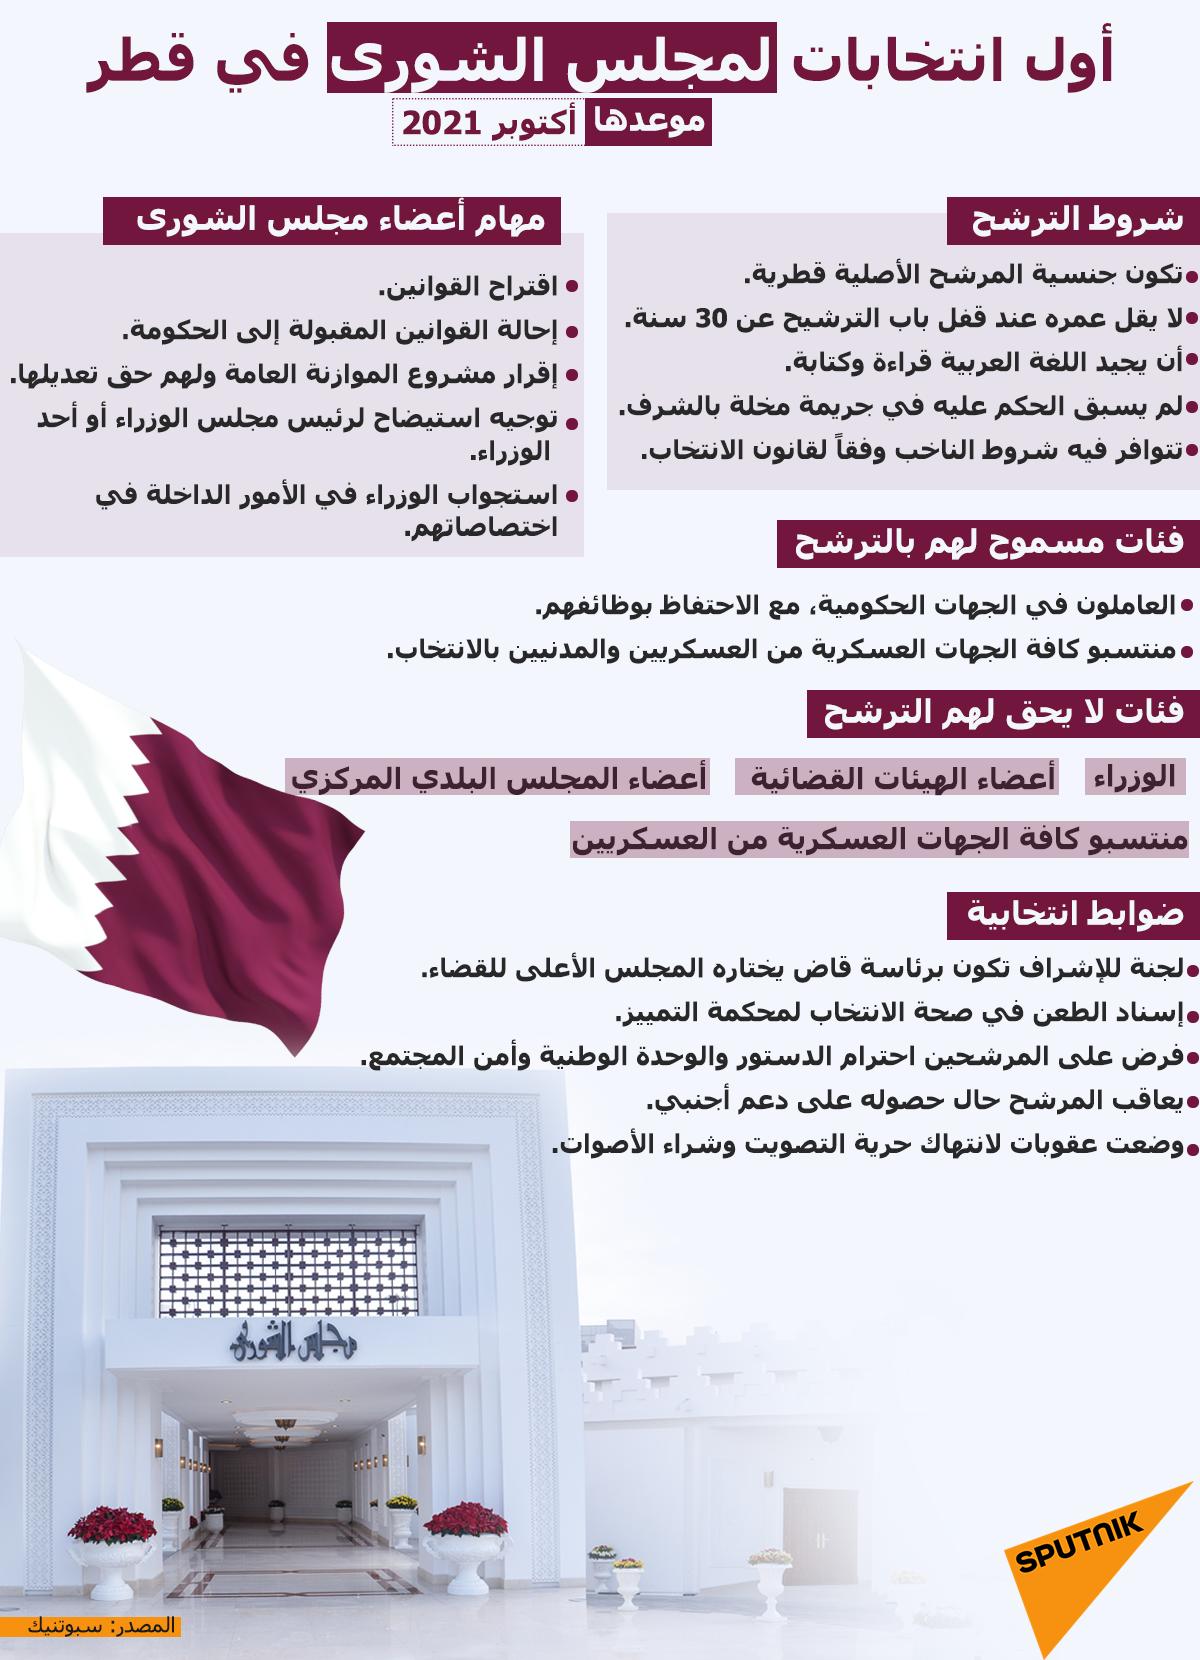 إنفوجرافيك... معلومات عن أول انتخابات لمجلس الشورى في قطر